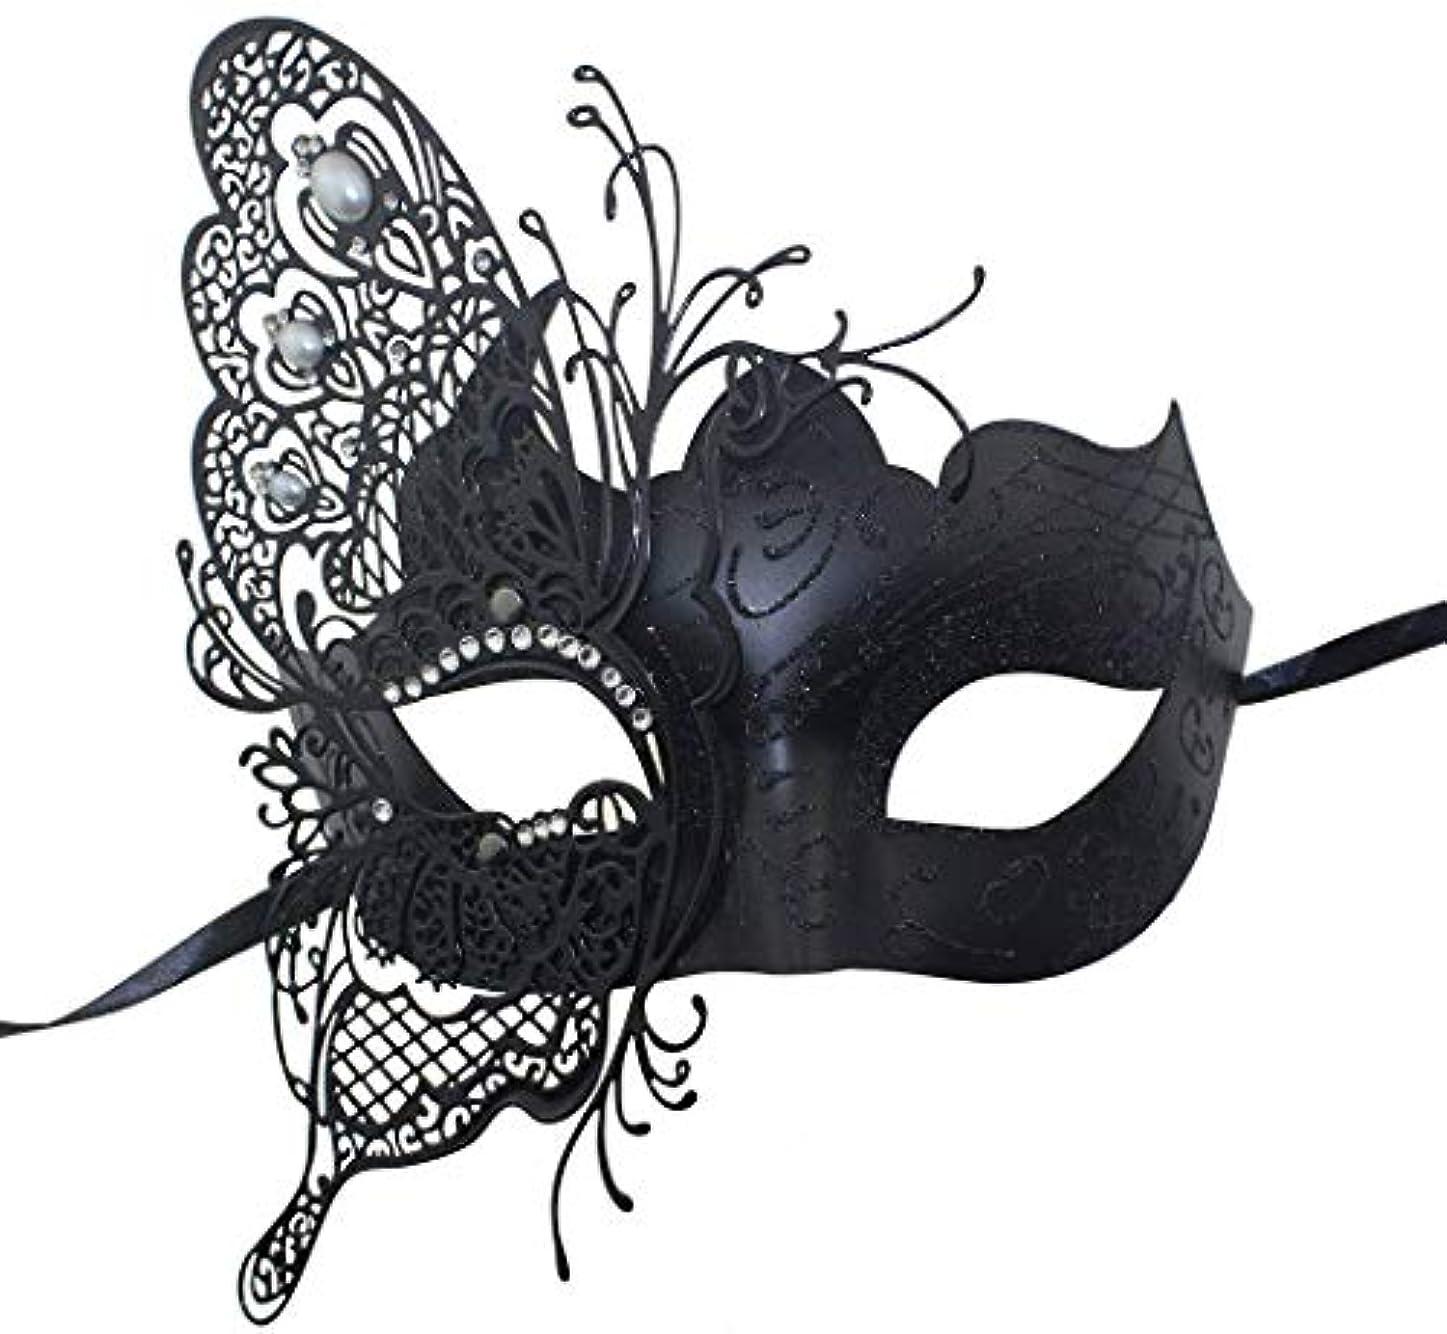 勉強するアラスカオデュッセウスNanle 神秘的なヴェネツィアの蝶シャイニーバタフライレディマスカレードハロウィンマルディグラパーティーマスク (色 : 黒)